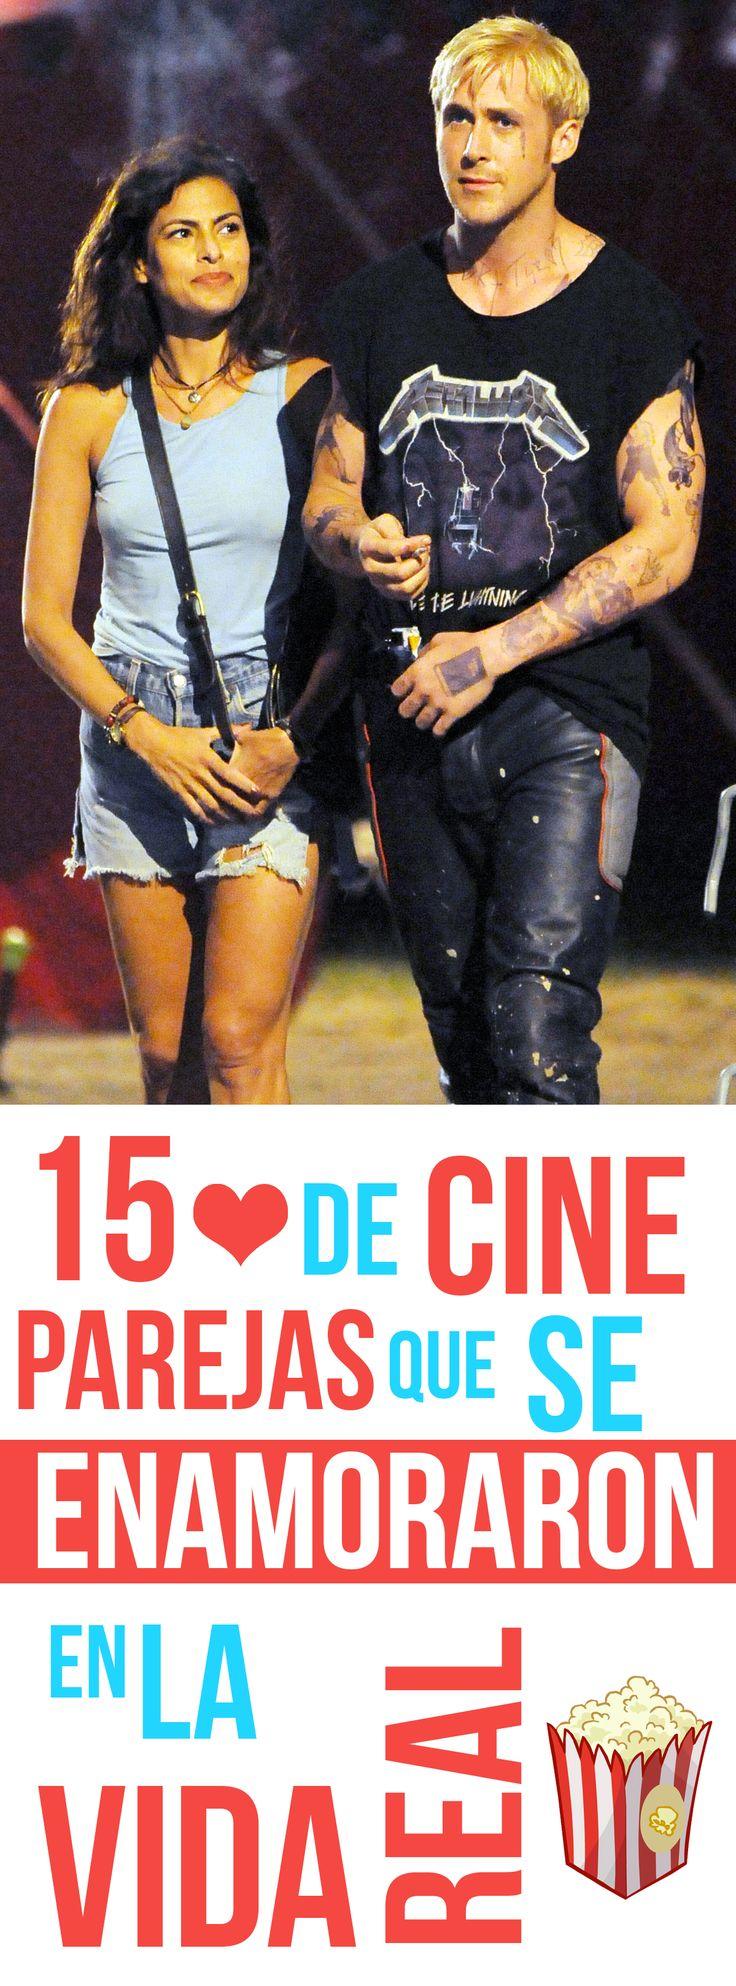 15 Parejas de CINE que se enamoraron EN LA VIDA REAL!